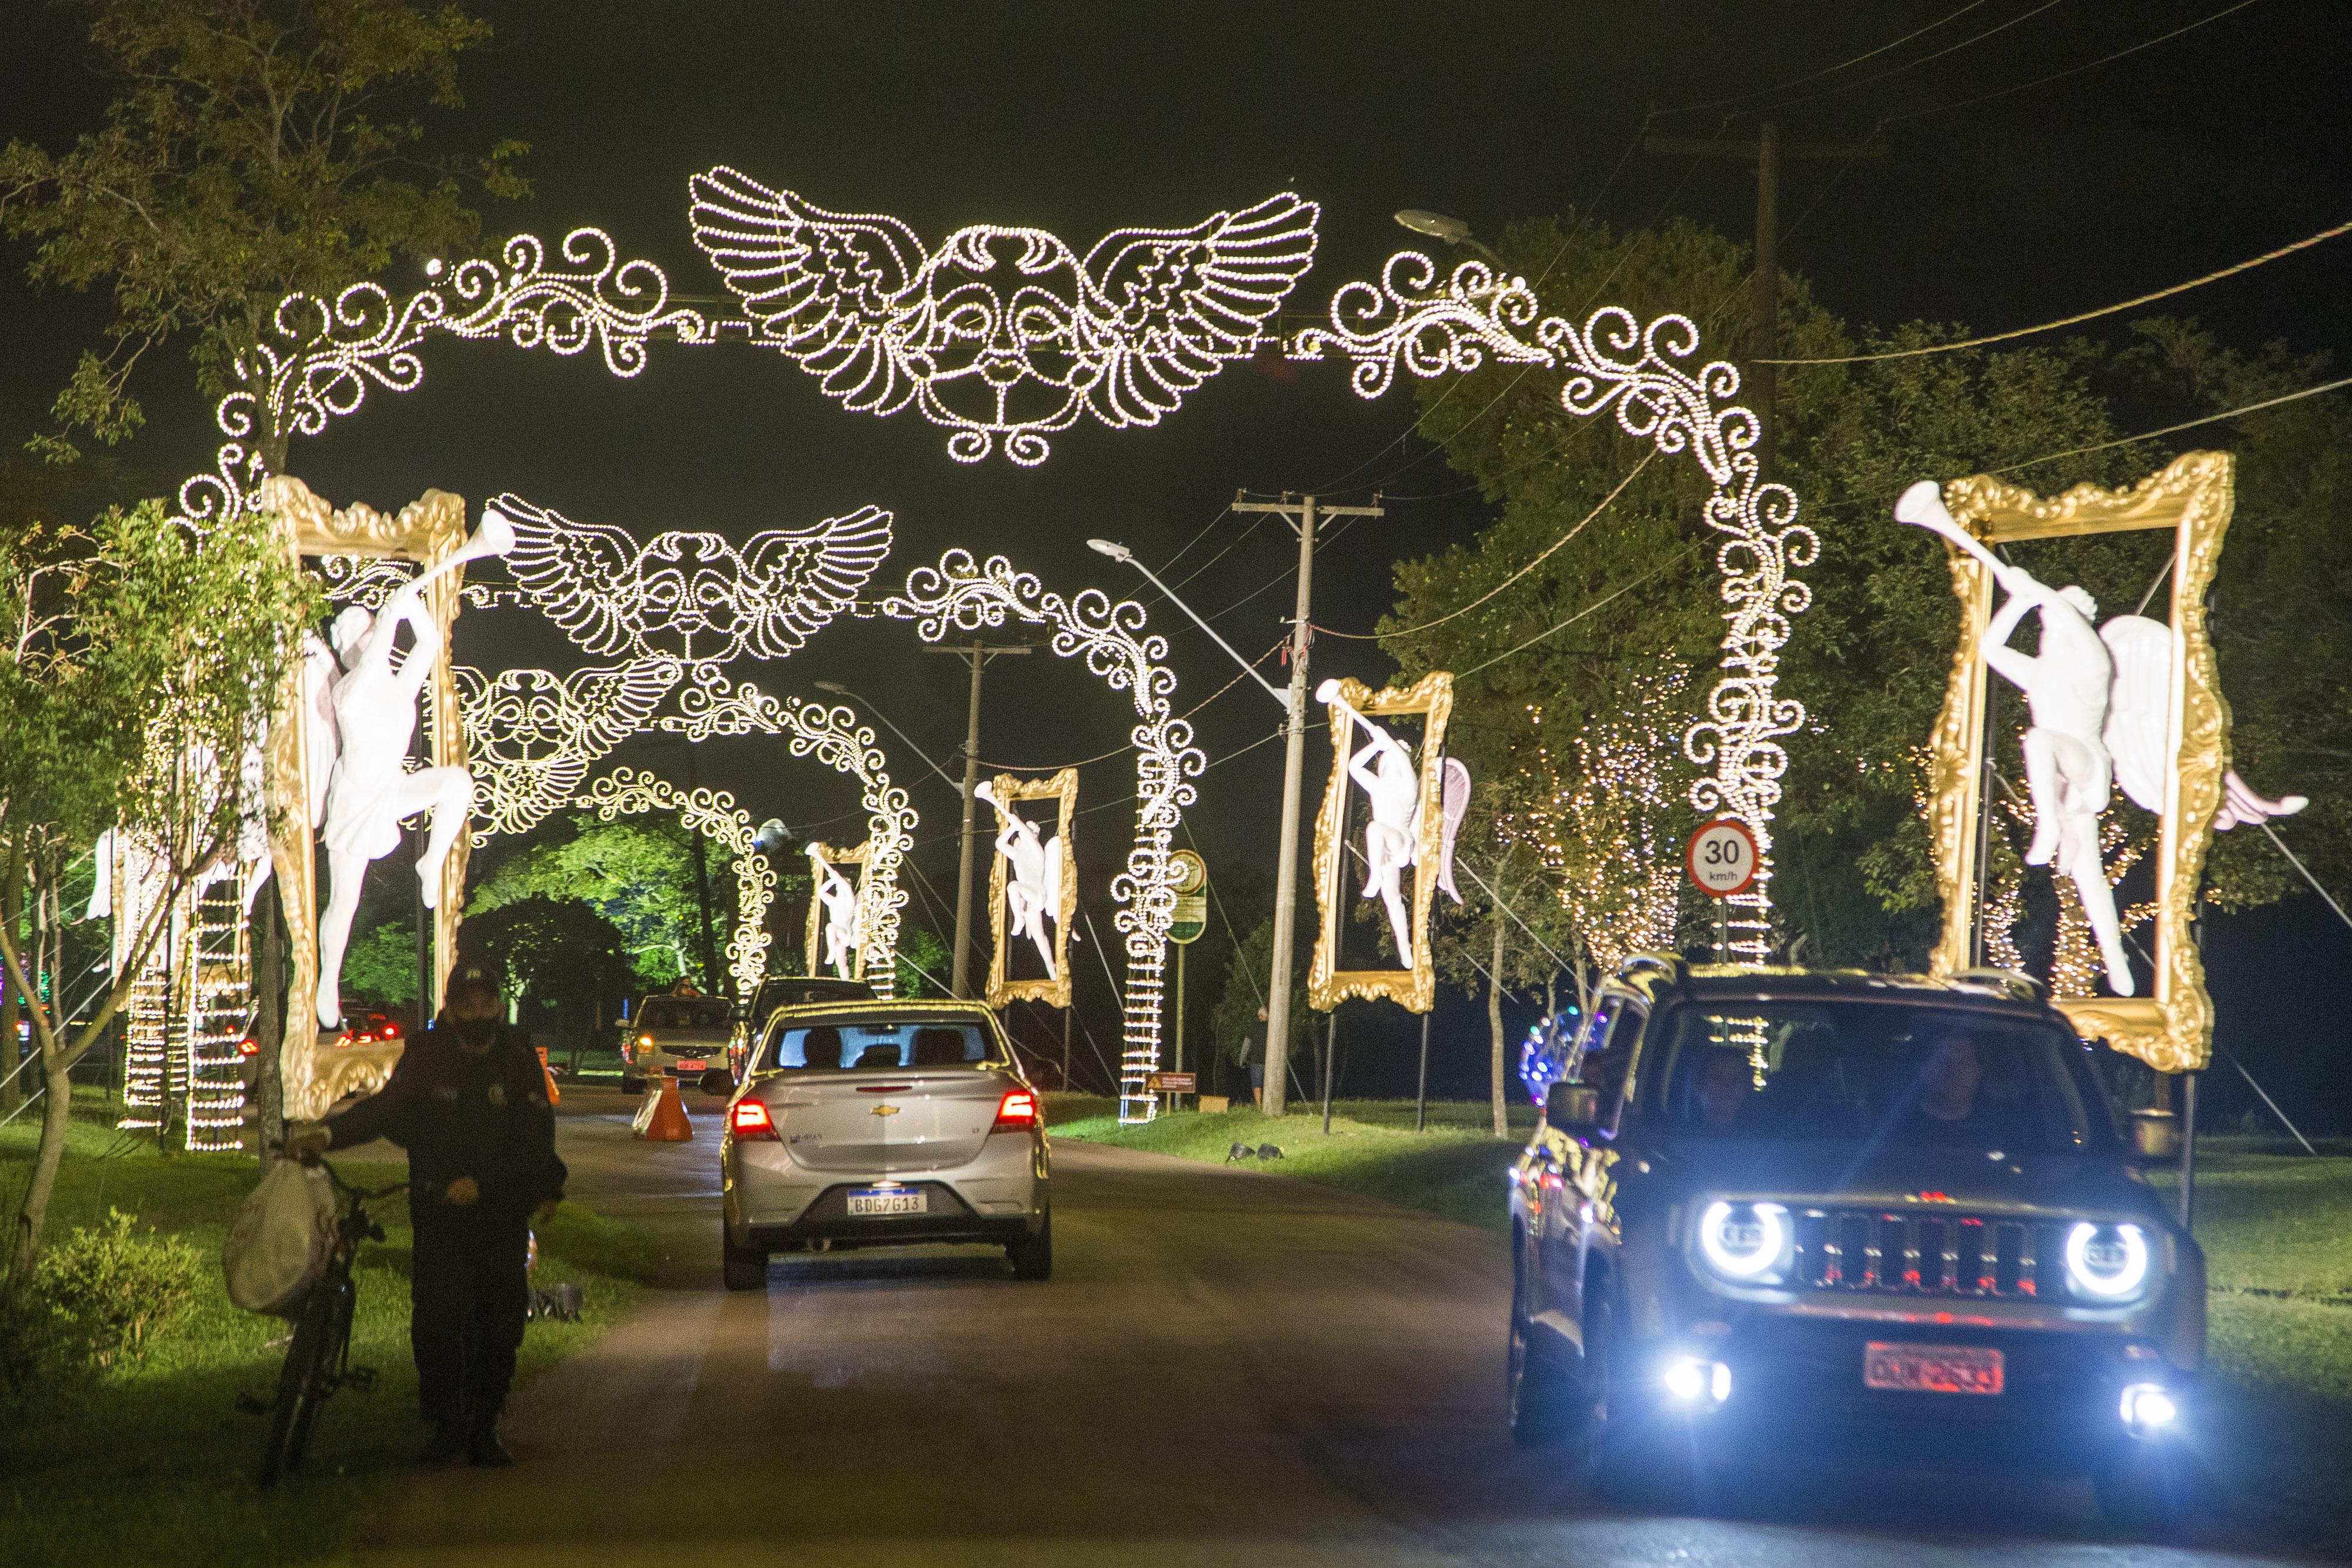 Drive-thru natalino do Passeio Público